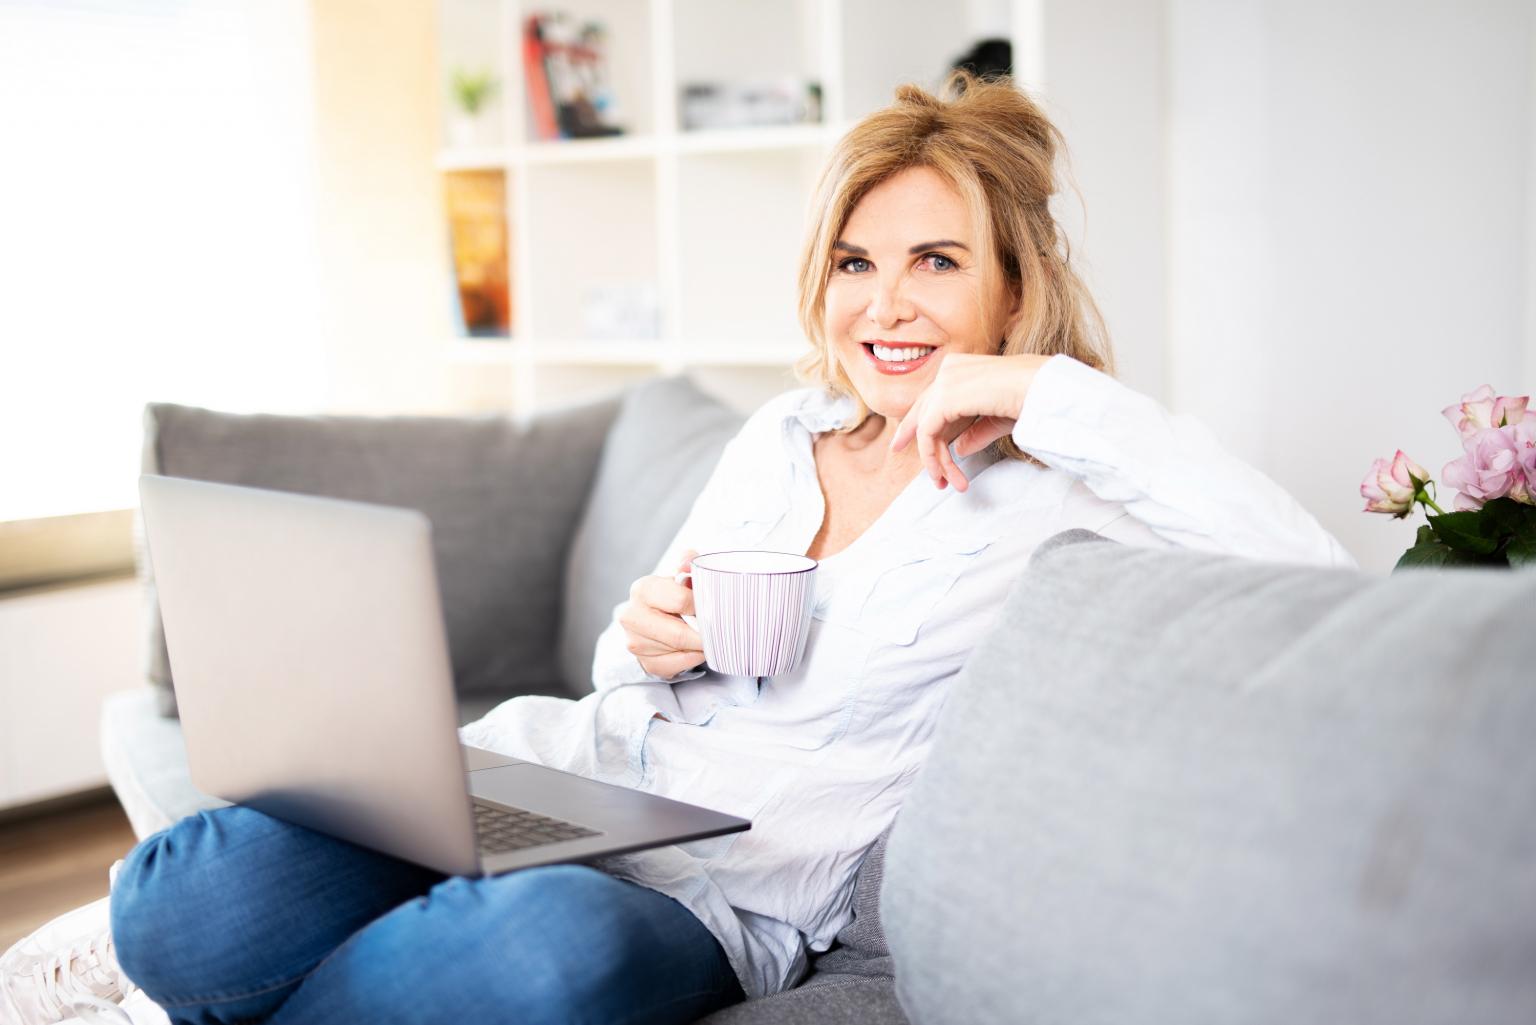 Tipps für online-dating über 50